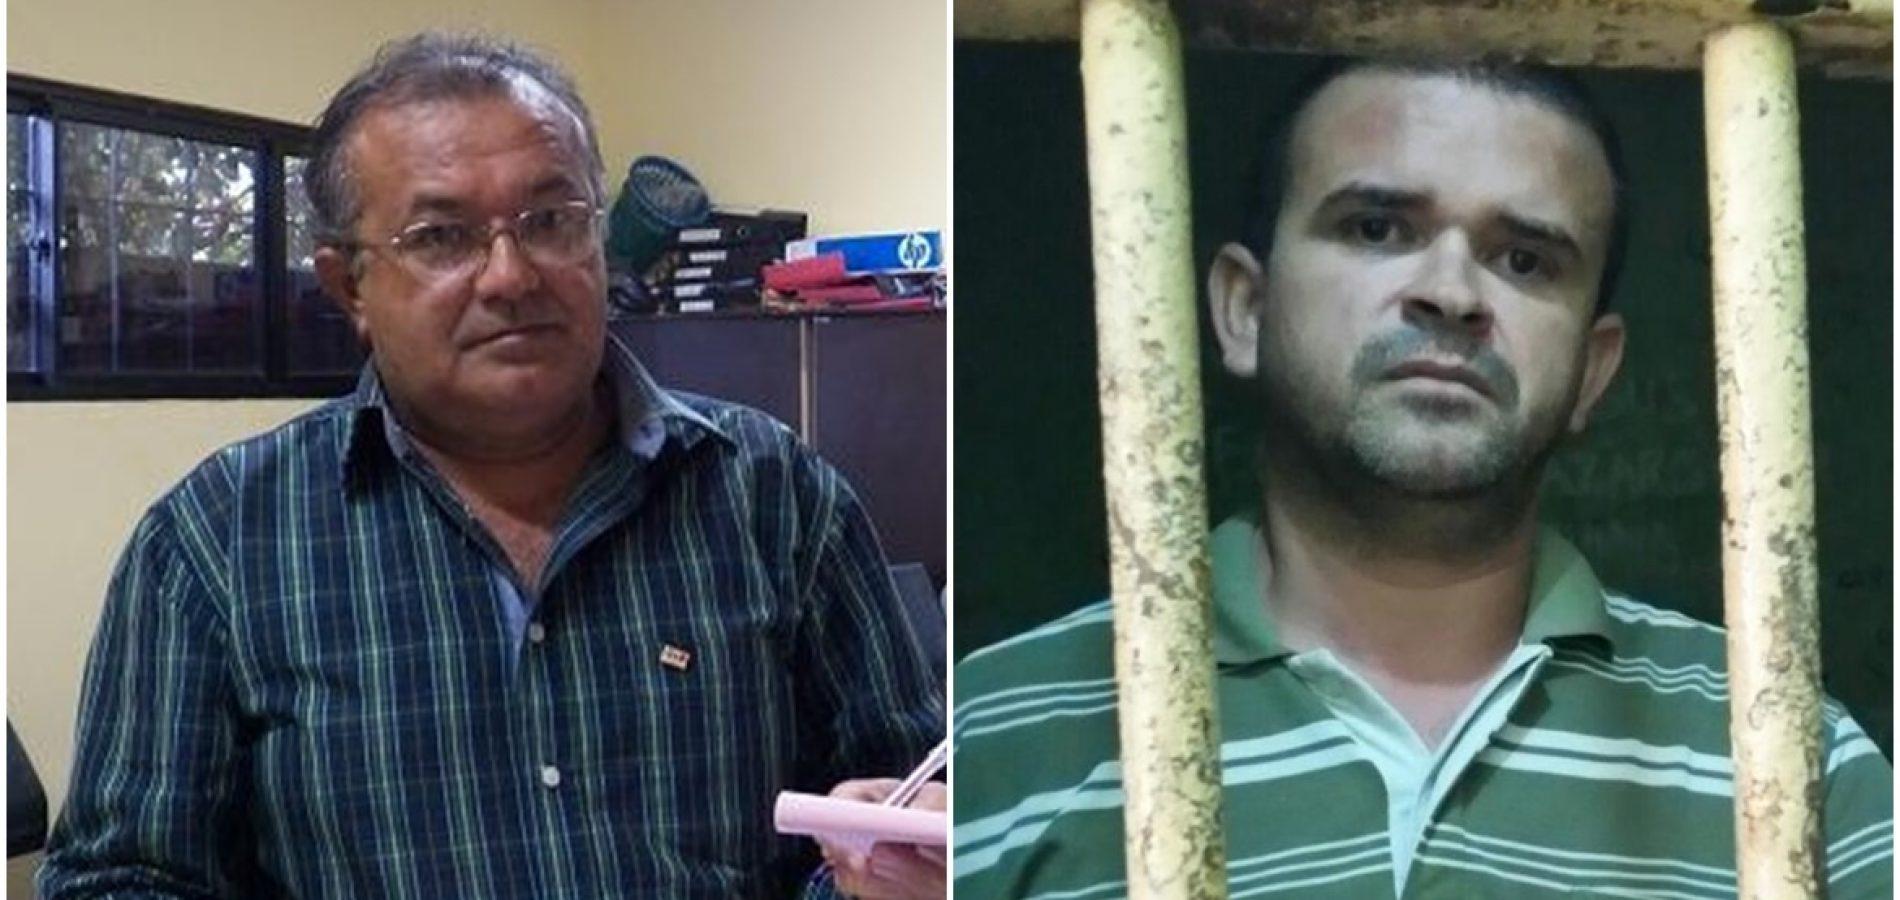 Advogado esteve em audiência com assassino confesso seis dias antes de ser morto no Piauí